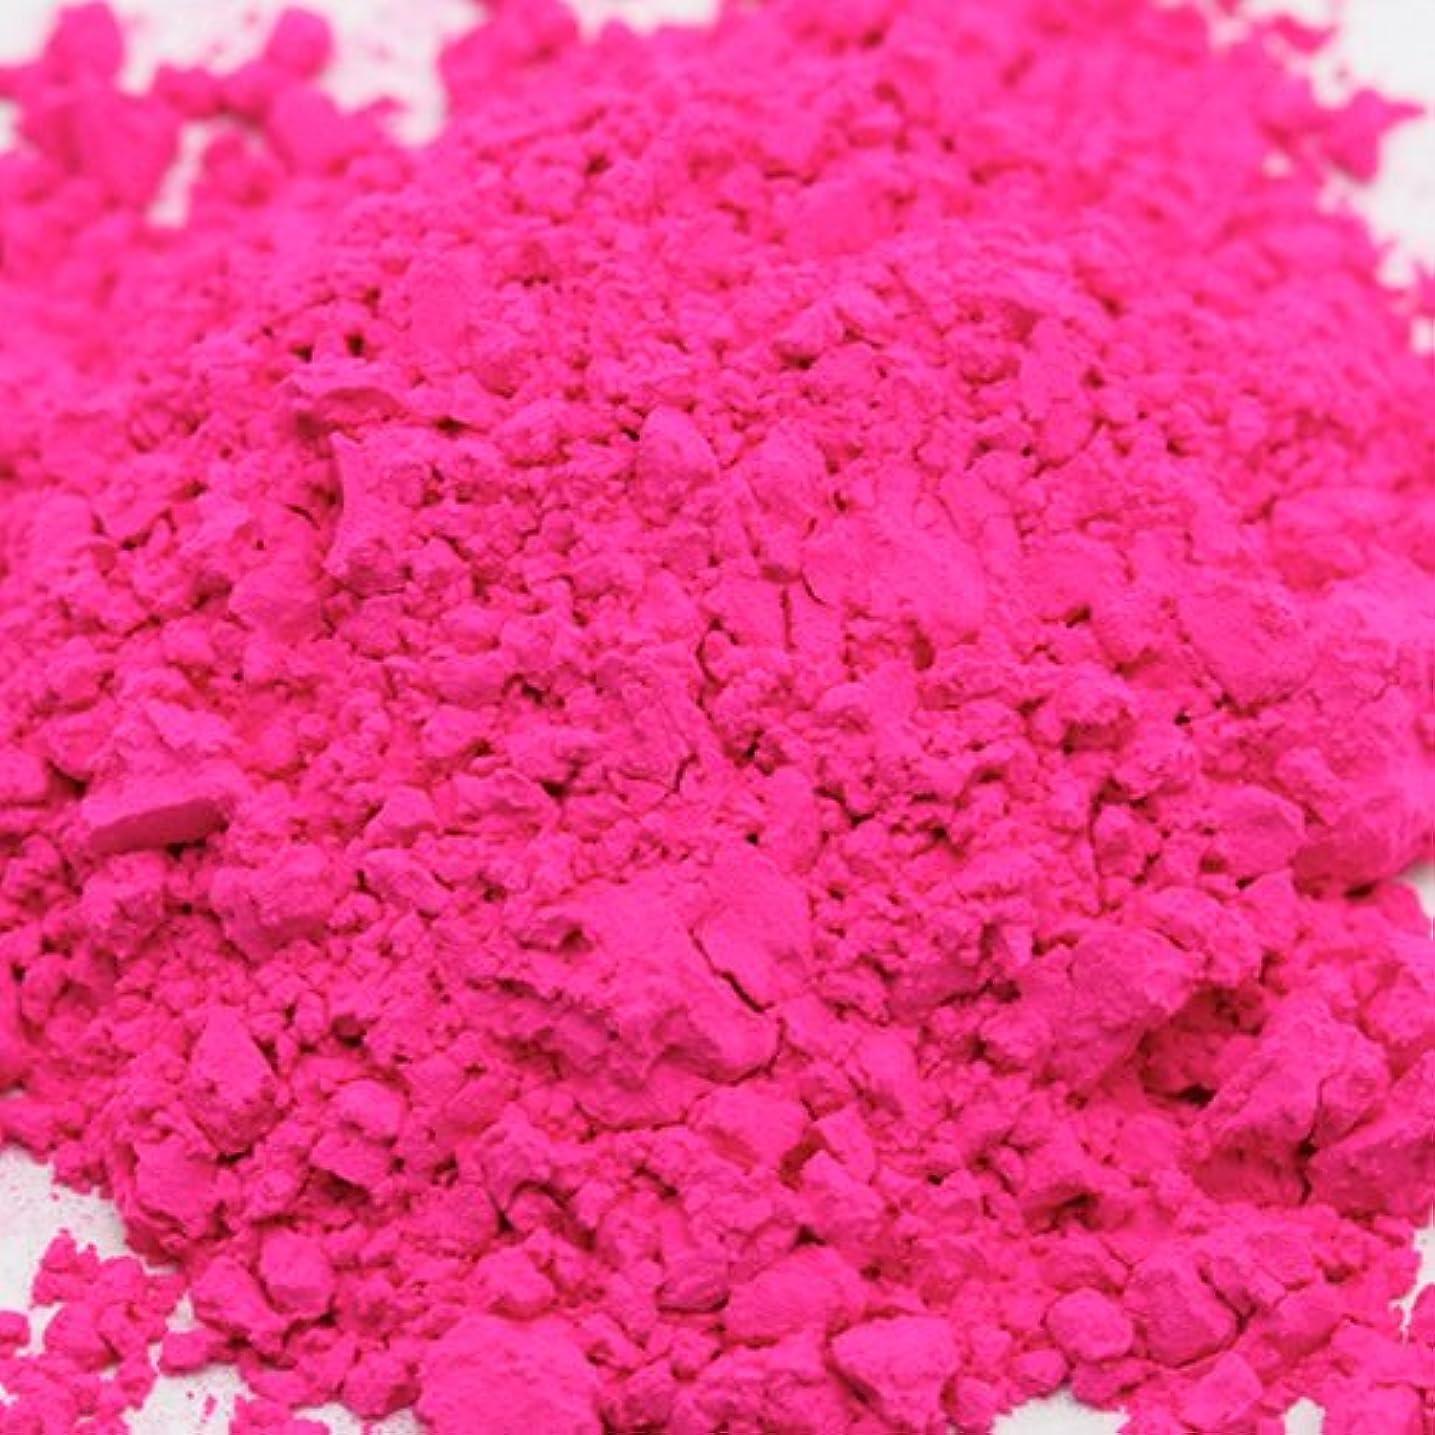 キャンディカラー ピンク 20g 【手作り石鹸/手作りコスメ/色付け/カラーラント】